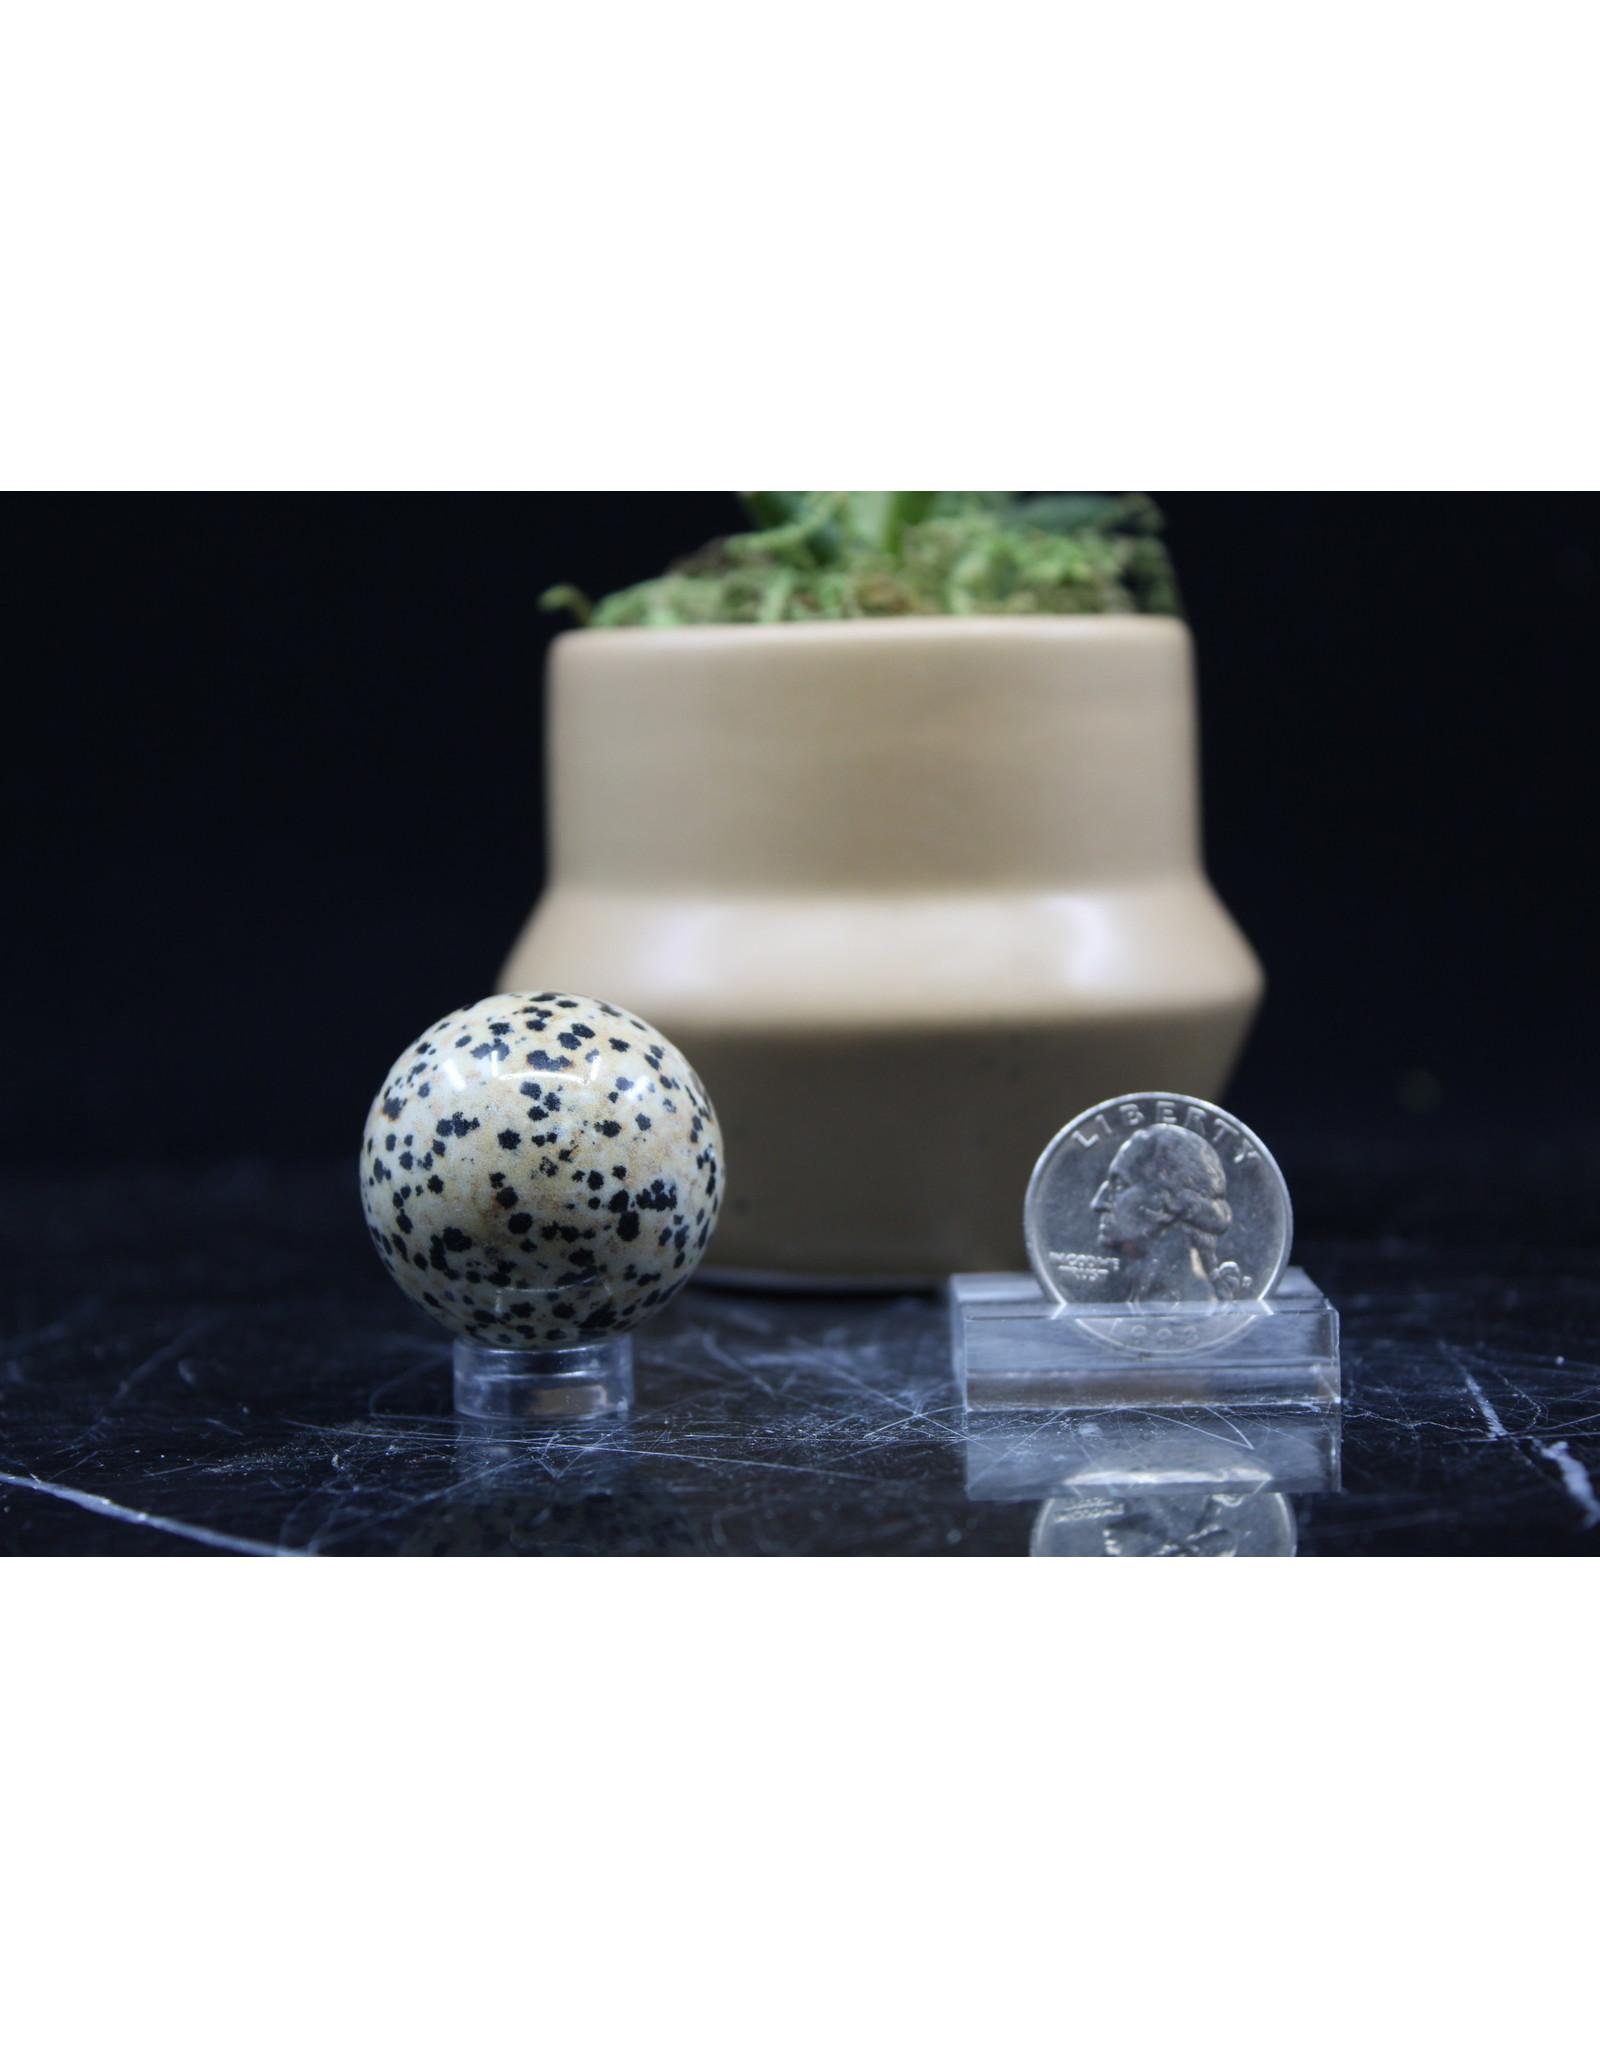 Dalmatian Jasper Sphere Orb 10-20mm